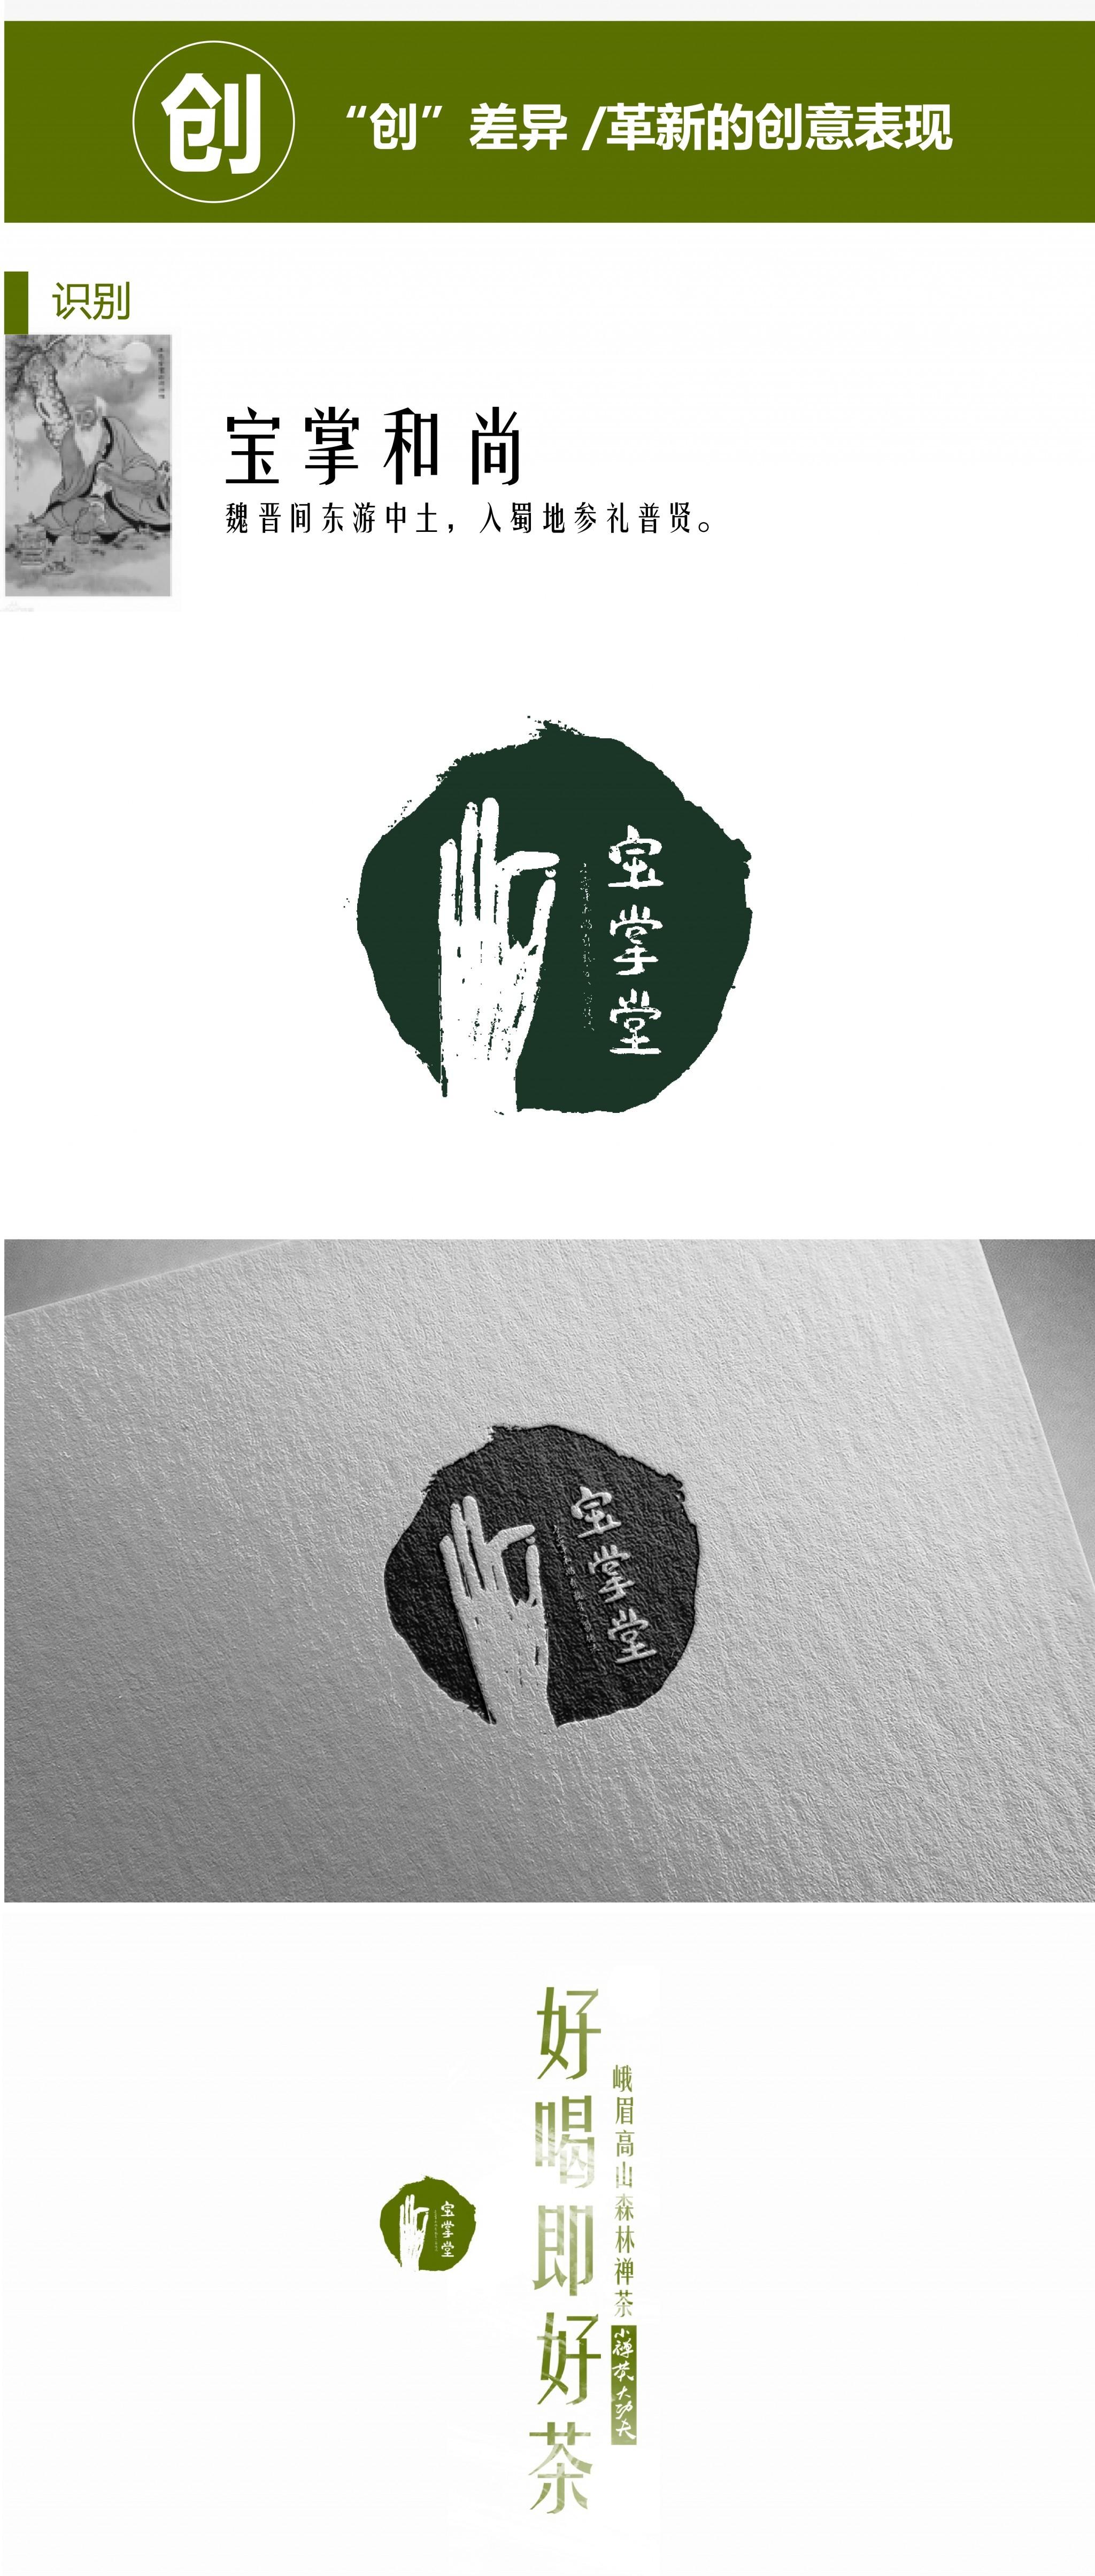 宝掌堂官网-04